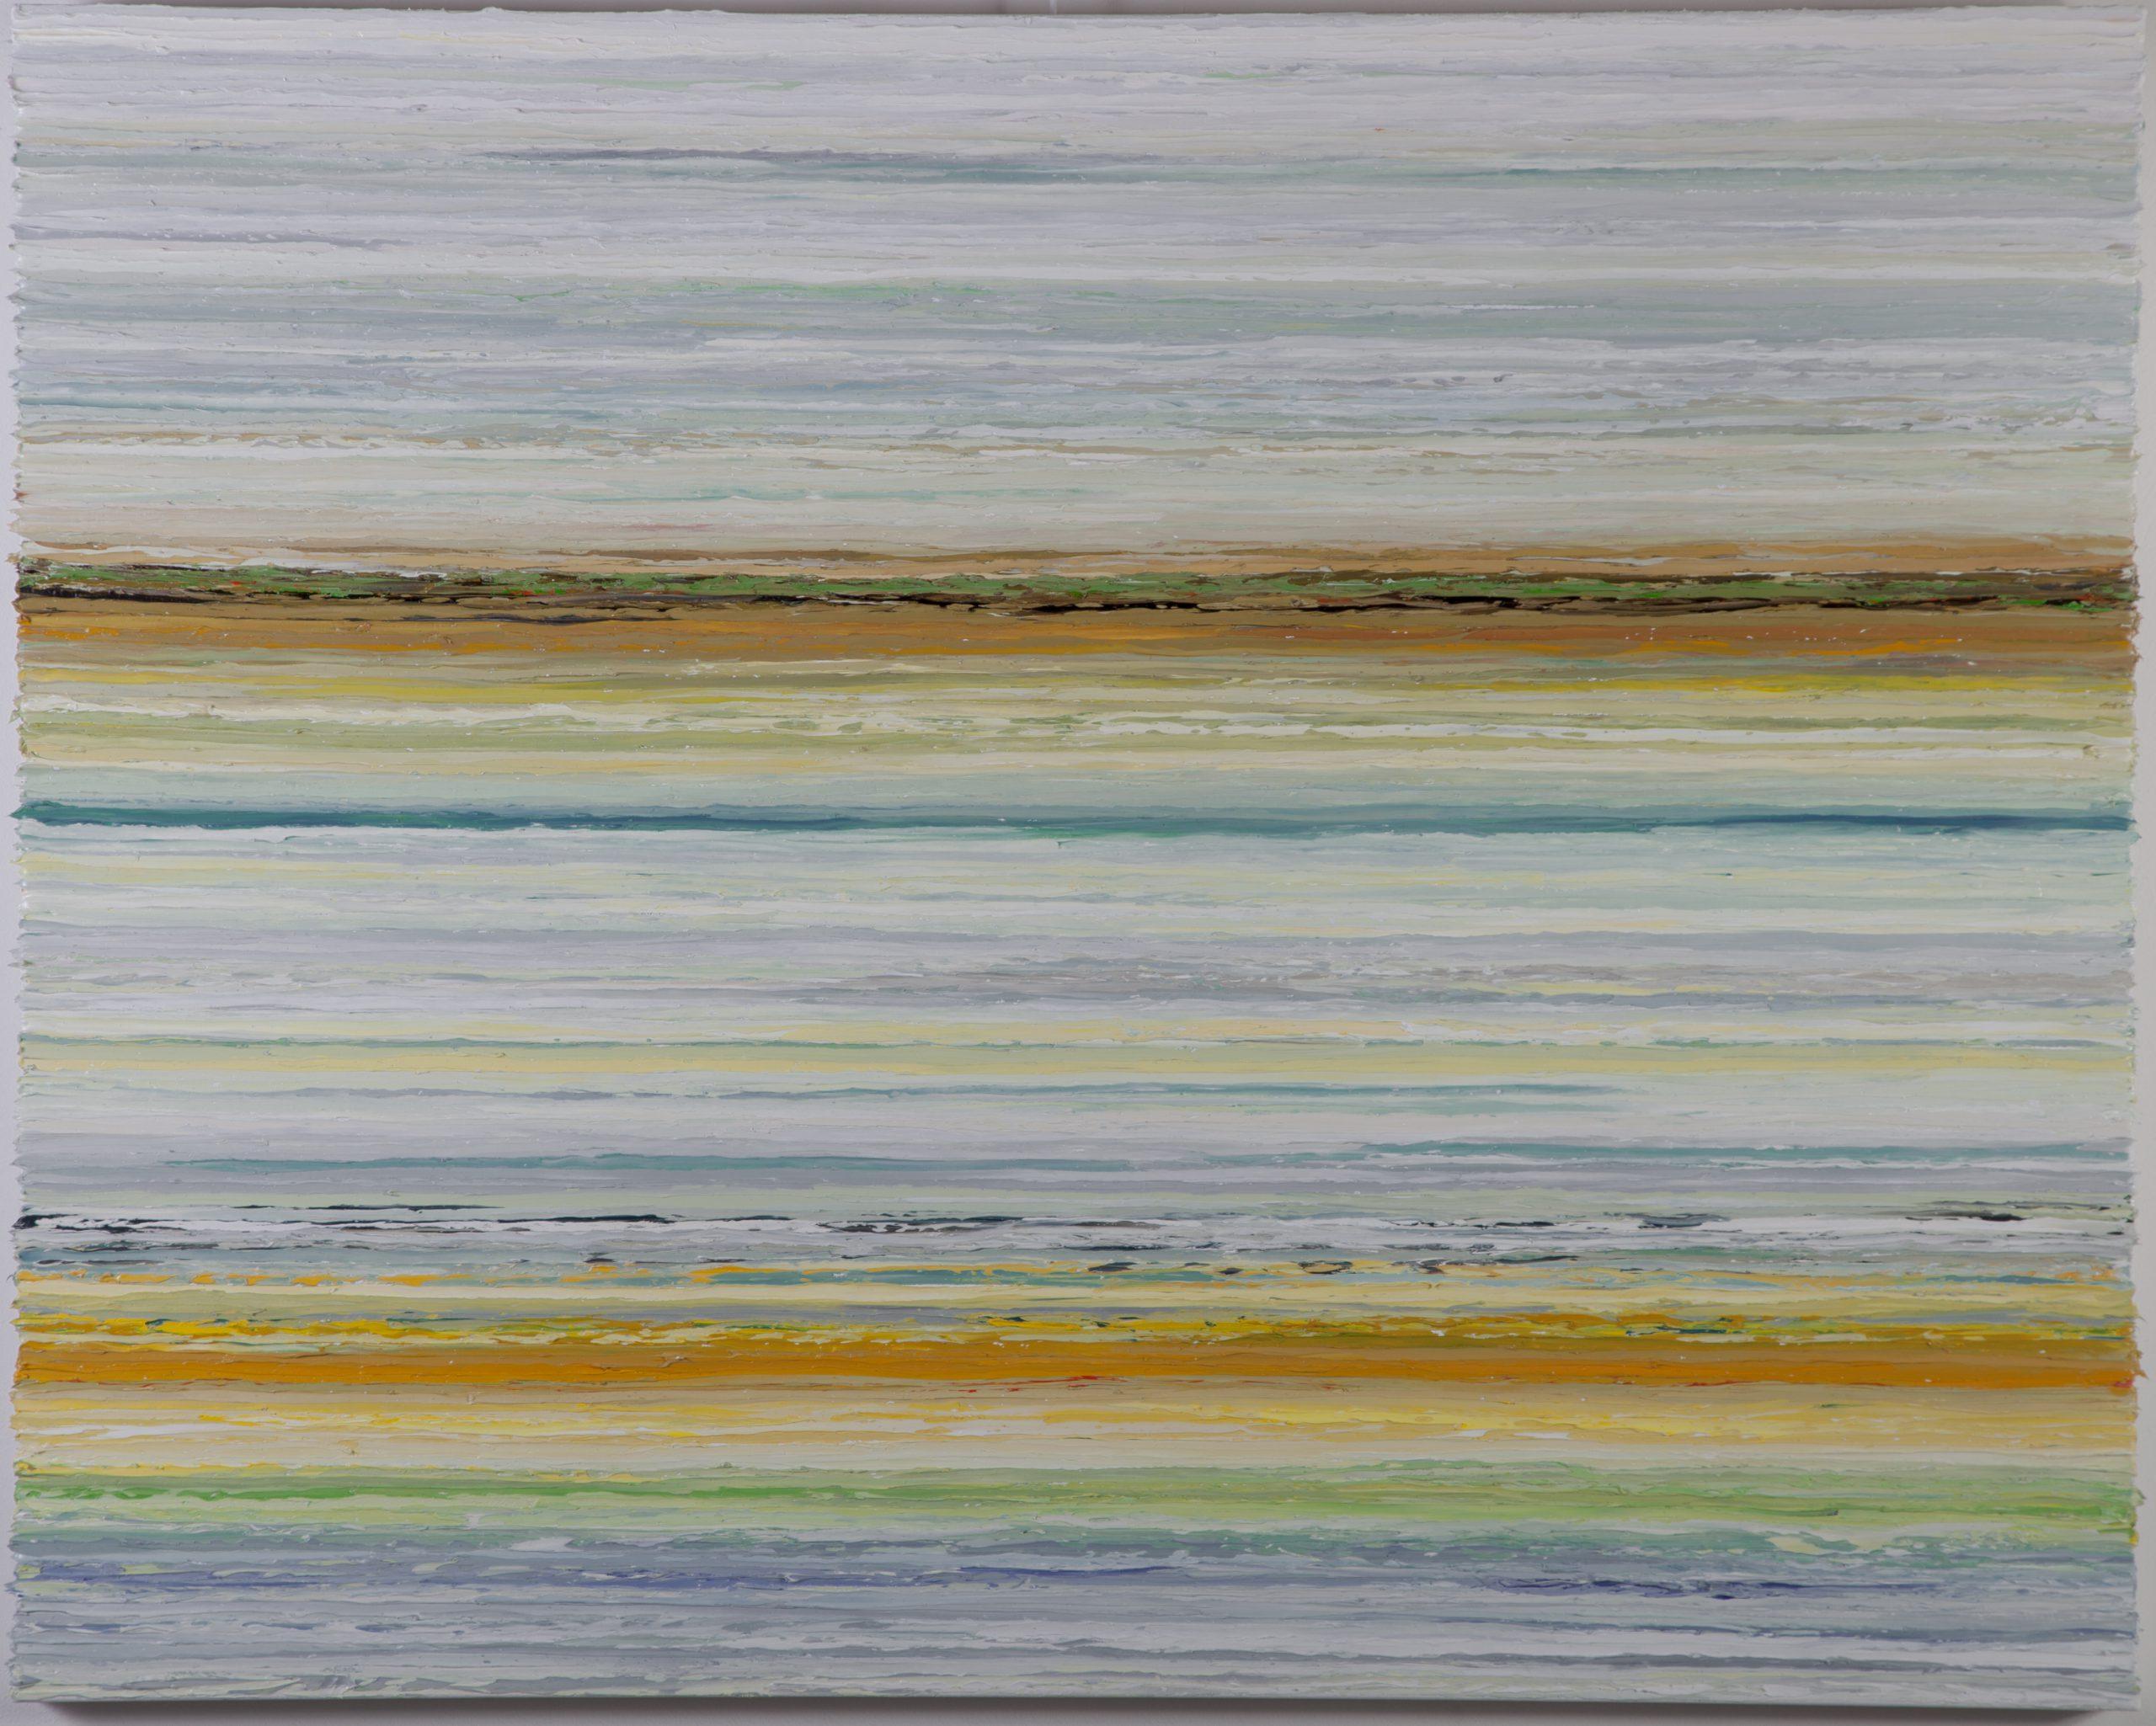 Kunst: Reisspiegel van kunstenaar Ad Arma